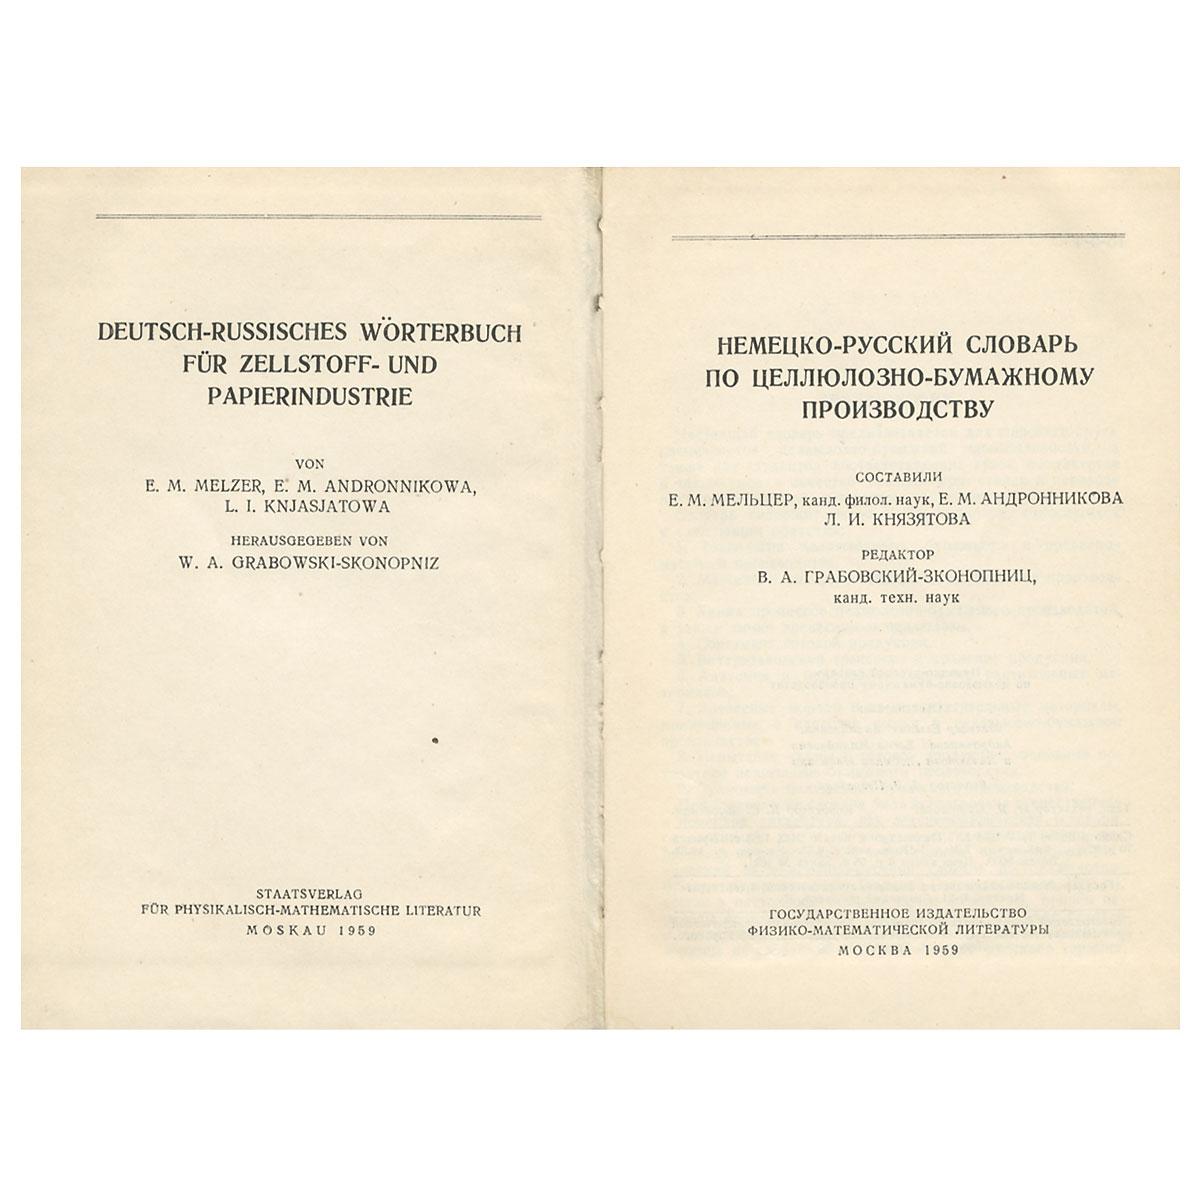 Немецко-русский словарь по целлюлозно-бумажному производству